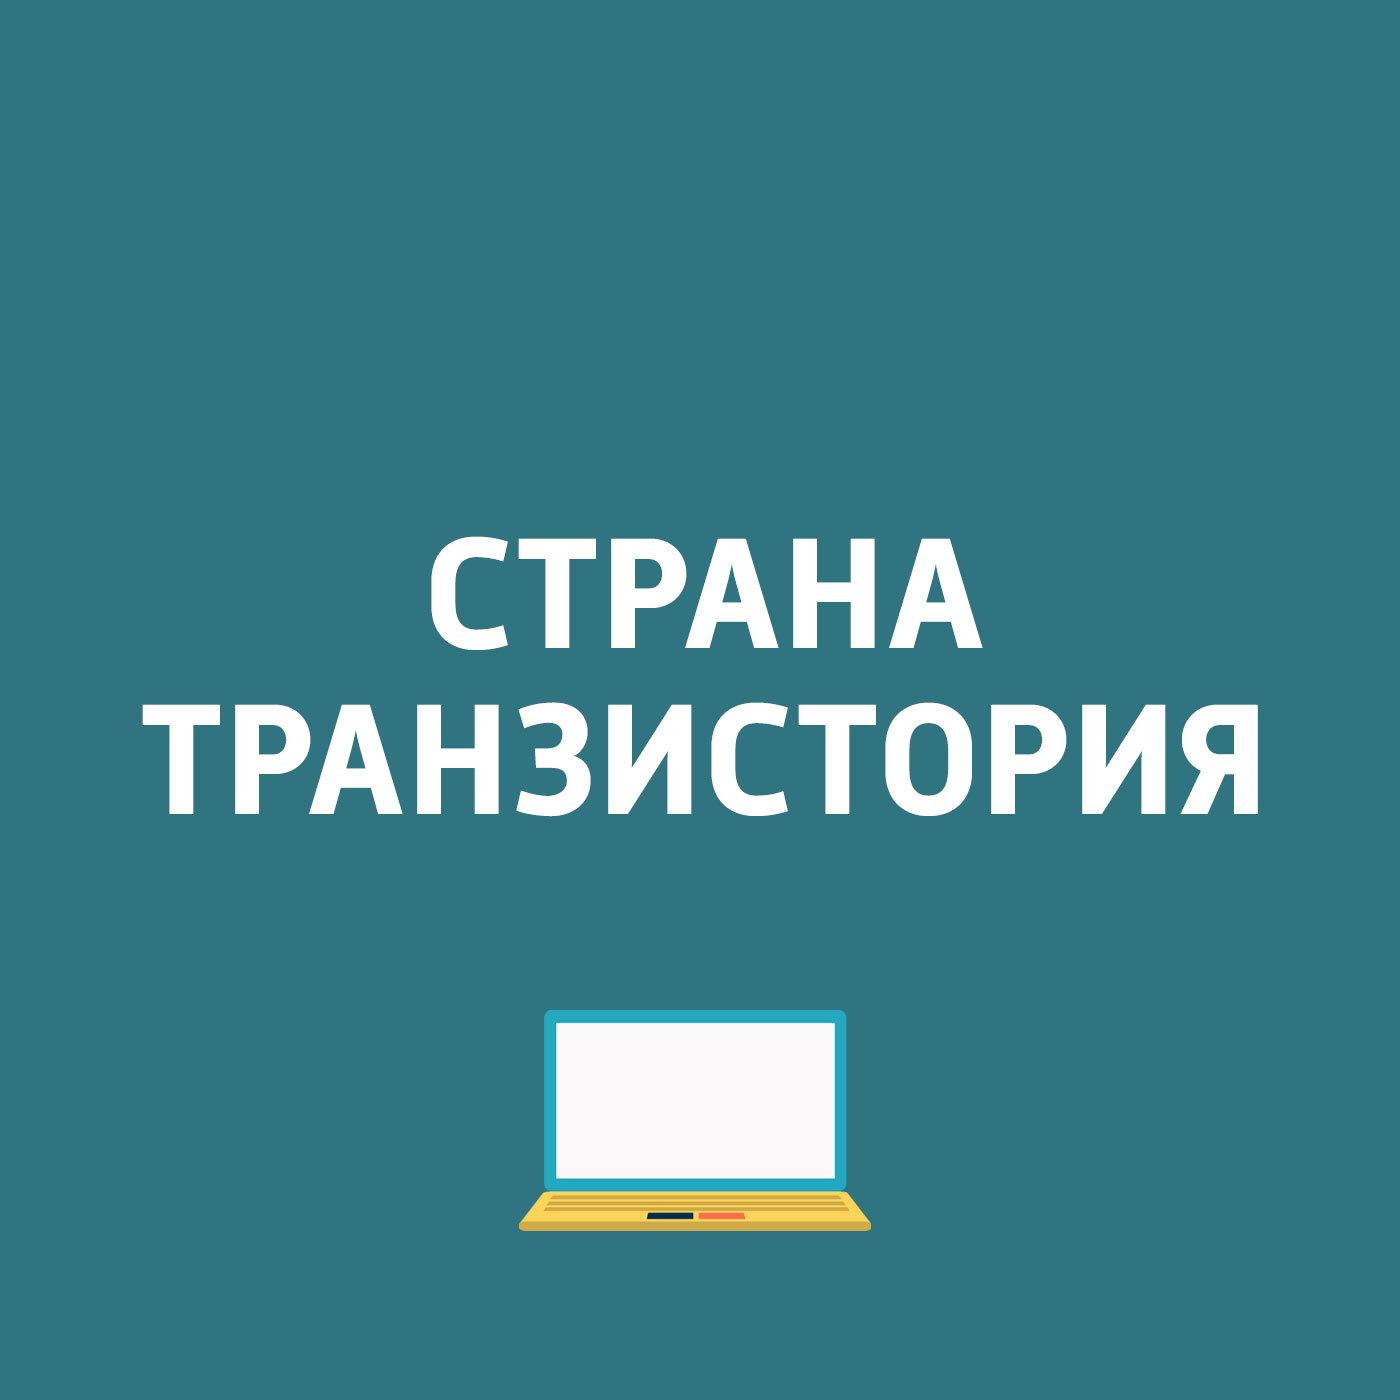 Картаев Павел Начало продаж смартфона Alcatel Idol 5; Начало продаж мыши Arc Mouse; Голосовой помощник Алиса